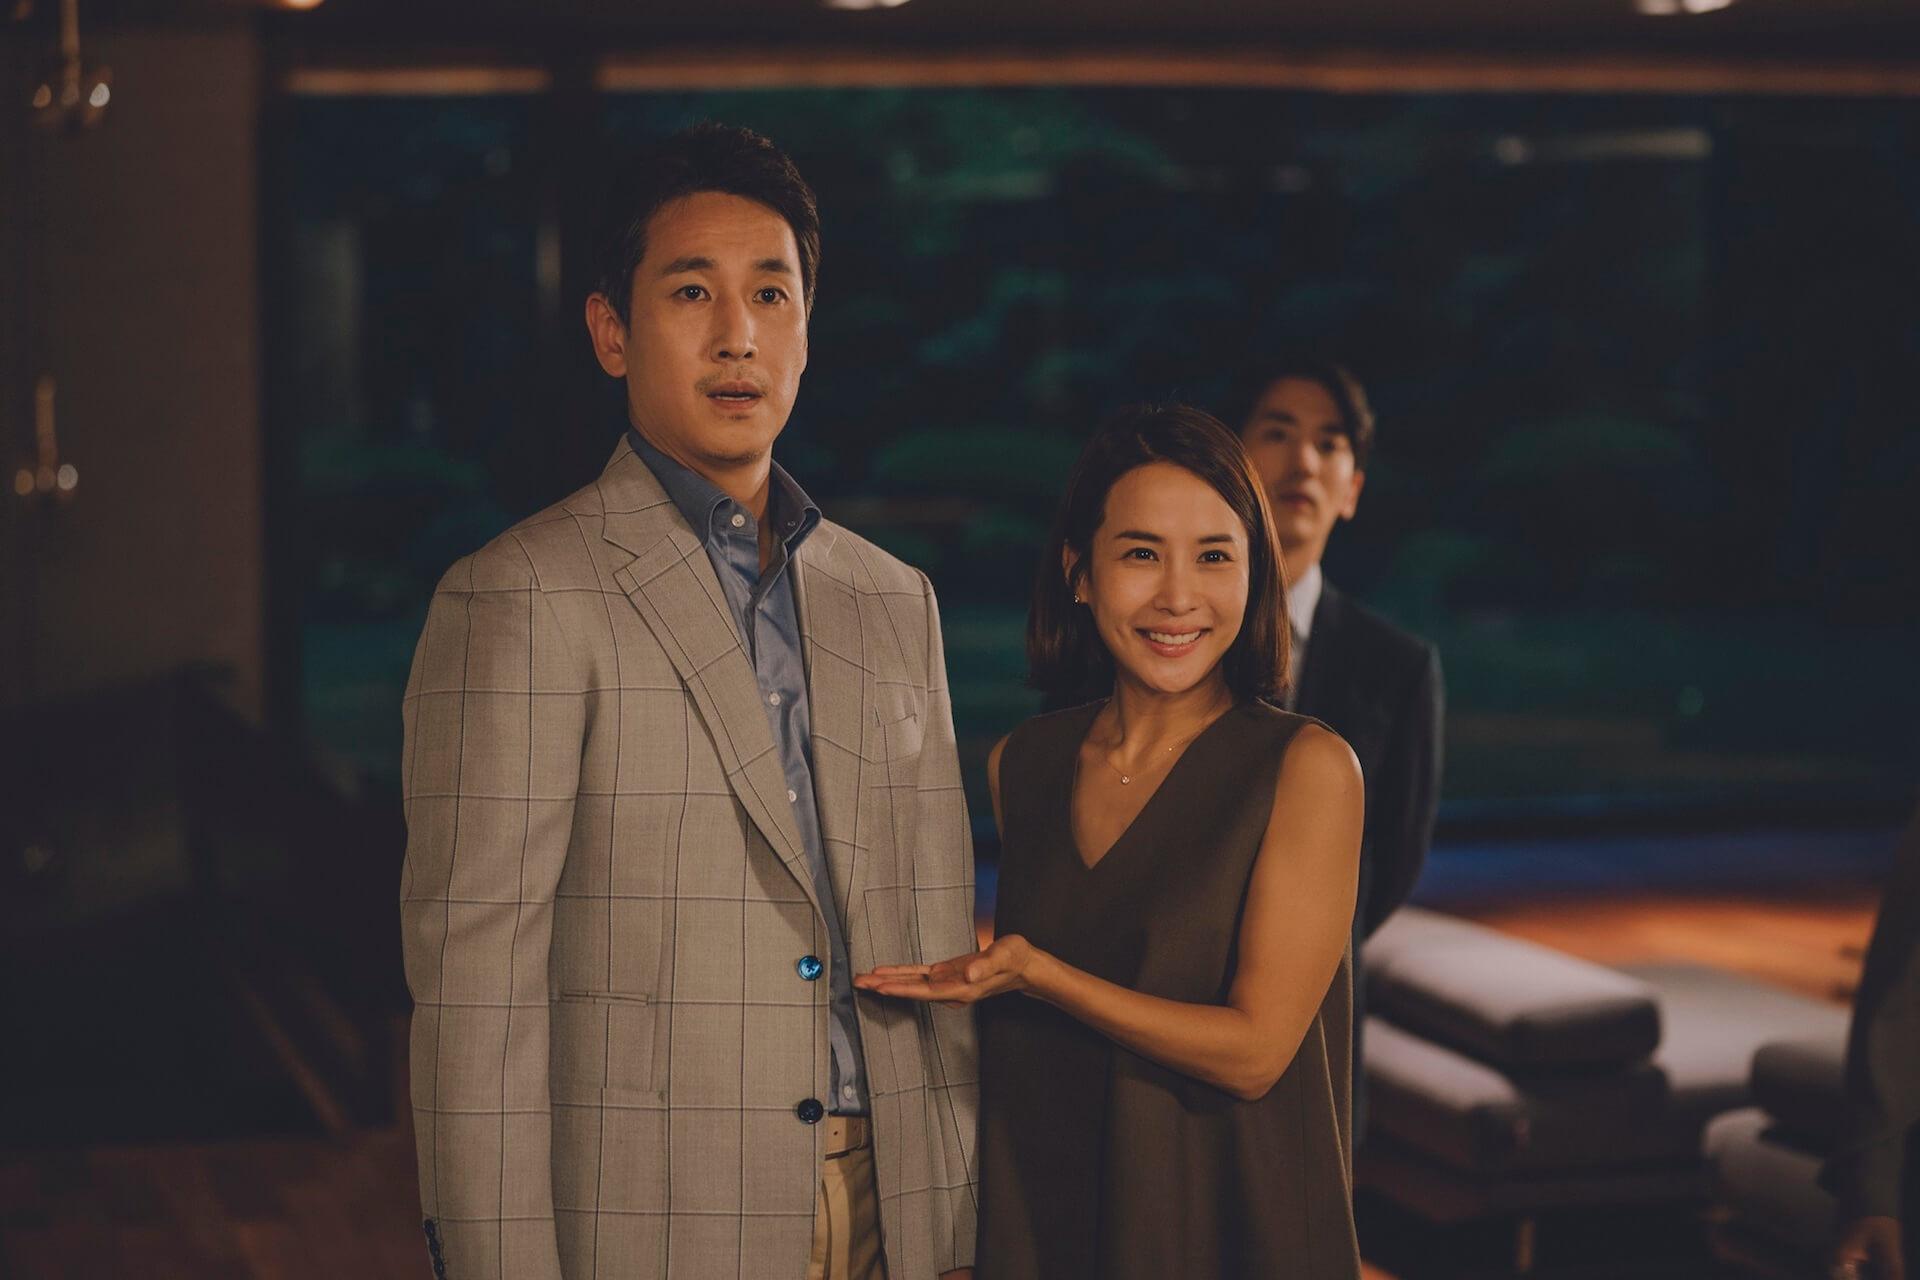 全世界が熱狂する『パラサイト 半地下の家族』出演キャスト陣からコメントが到着「韓国映画の進化として認識することでしょう」 film191030_parasite_4